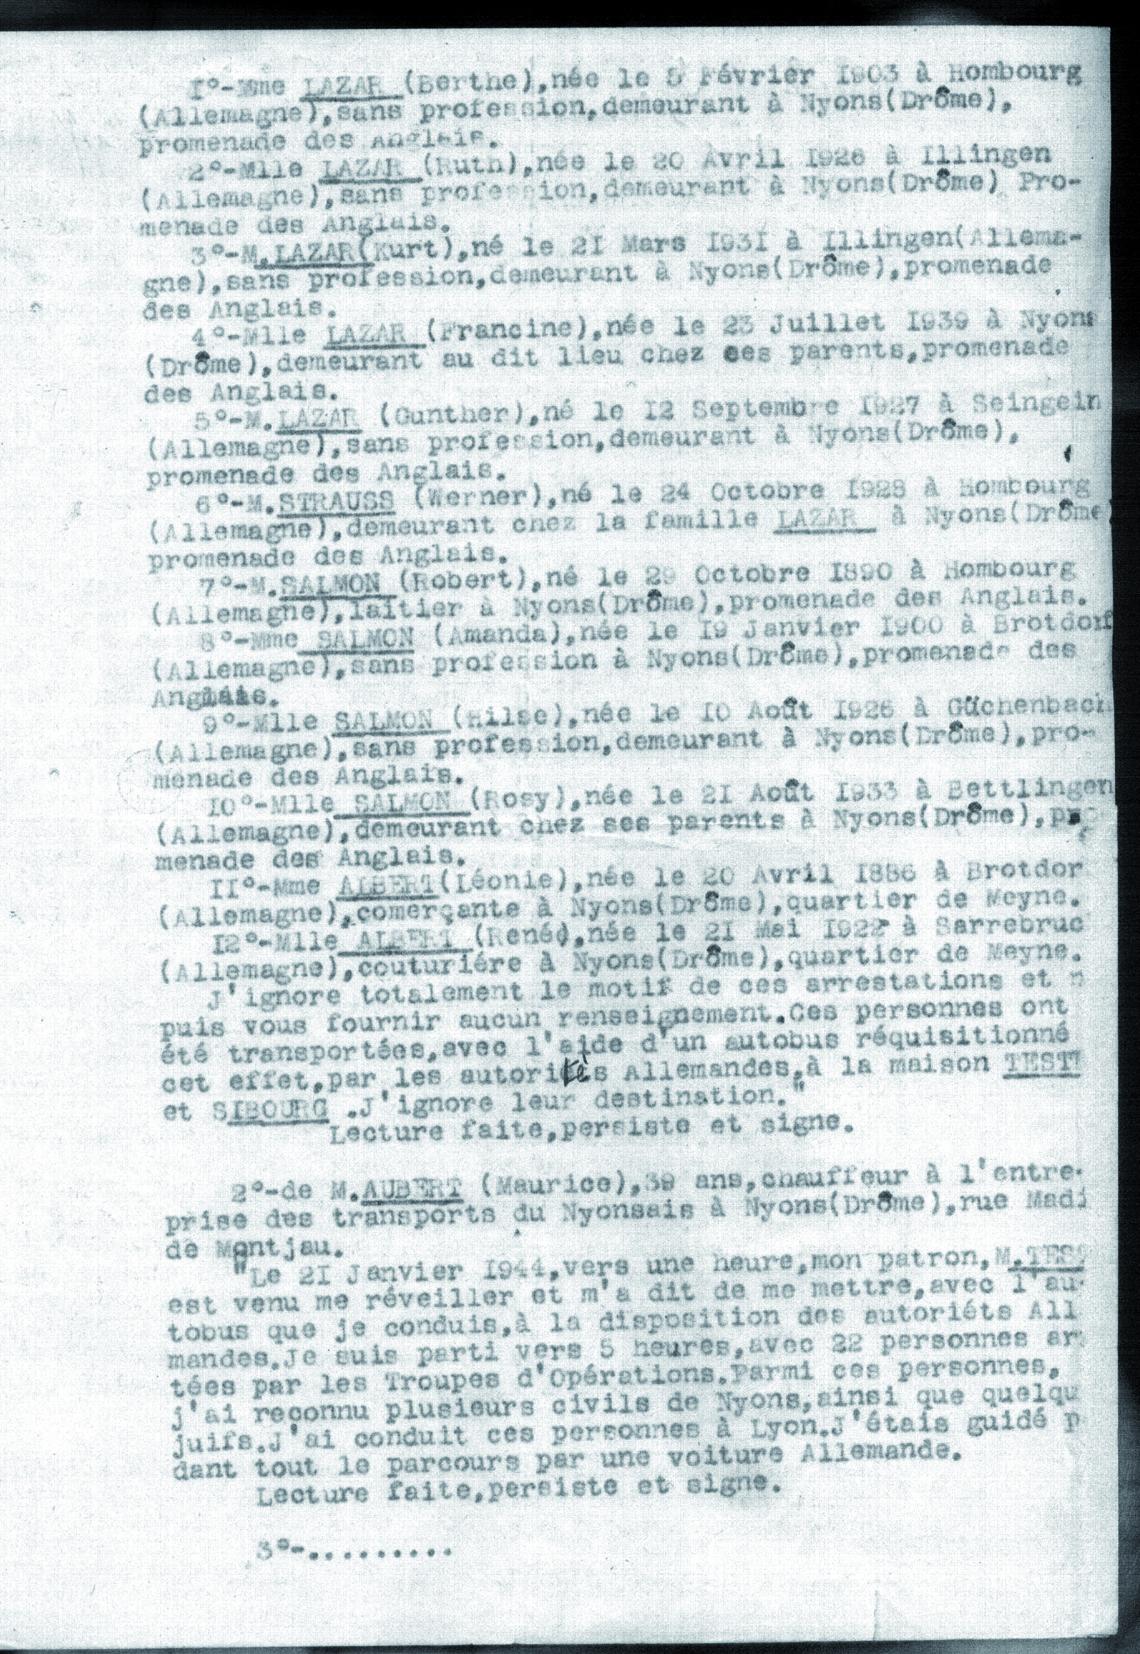 Lazar09-3808W342 (Document officiel)